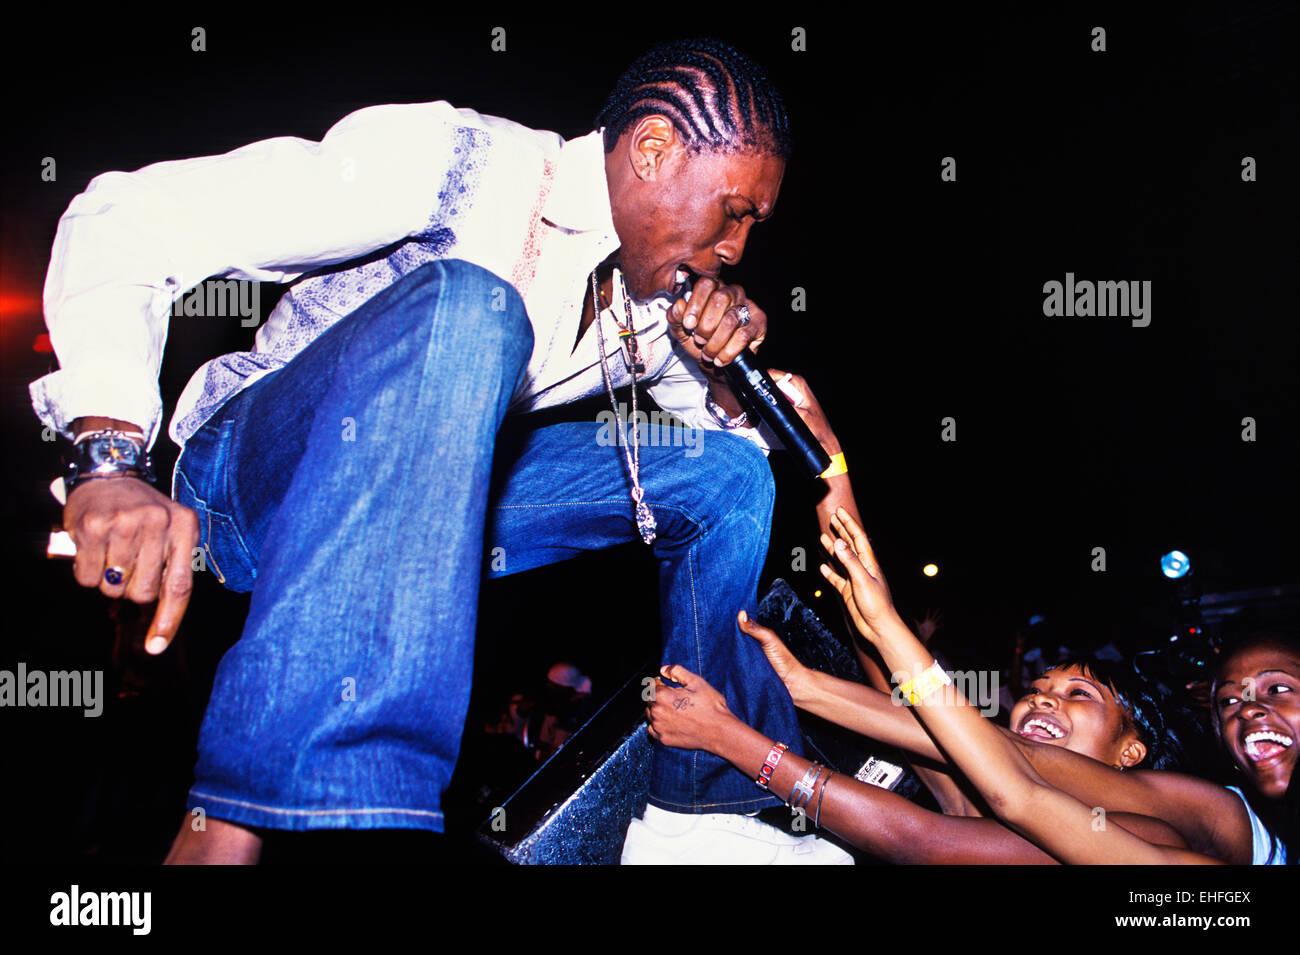 Cartello Vybz essendo assaliti sul palco di Eclipse a Rockfort Spa Kingston in Giamaica. Immagini Stock